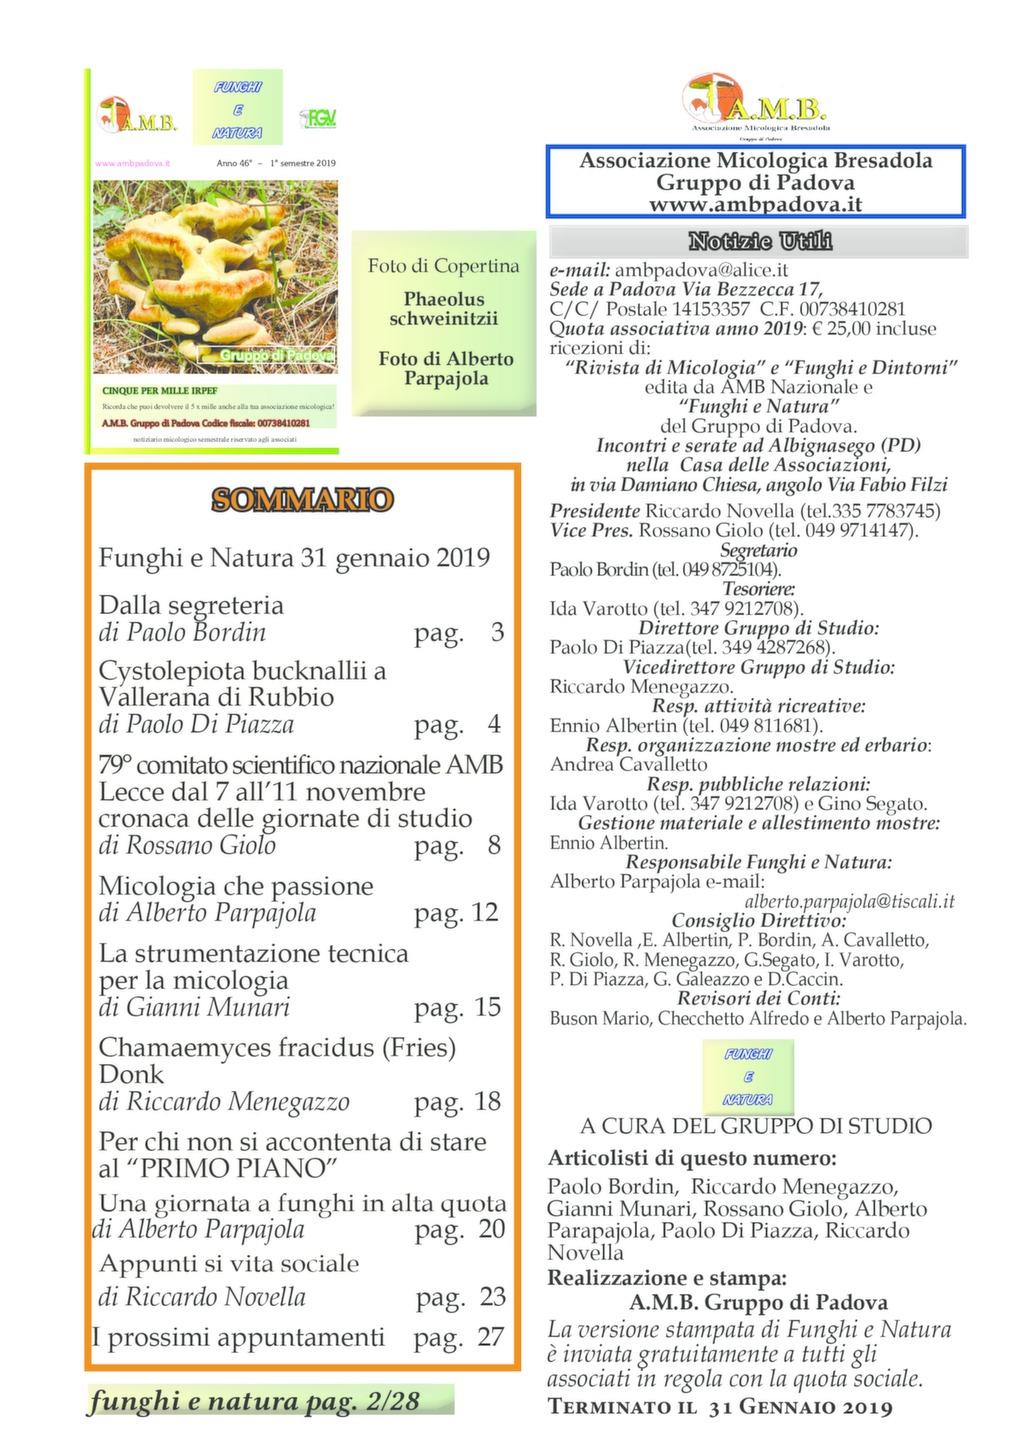 Calendario Funghi.Ambpadova Associazione Micologica Bresadola Gruppo Di Padova